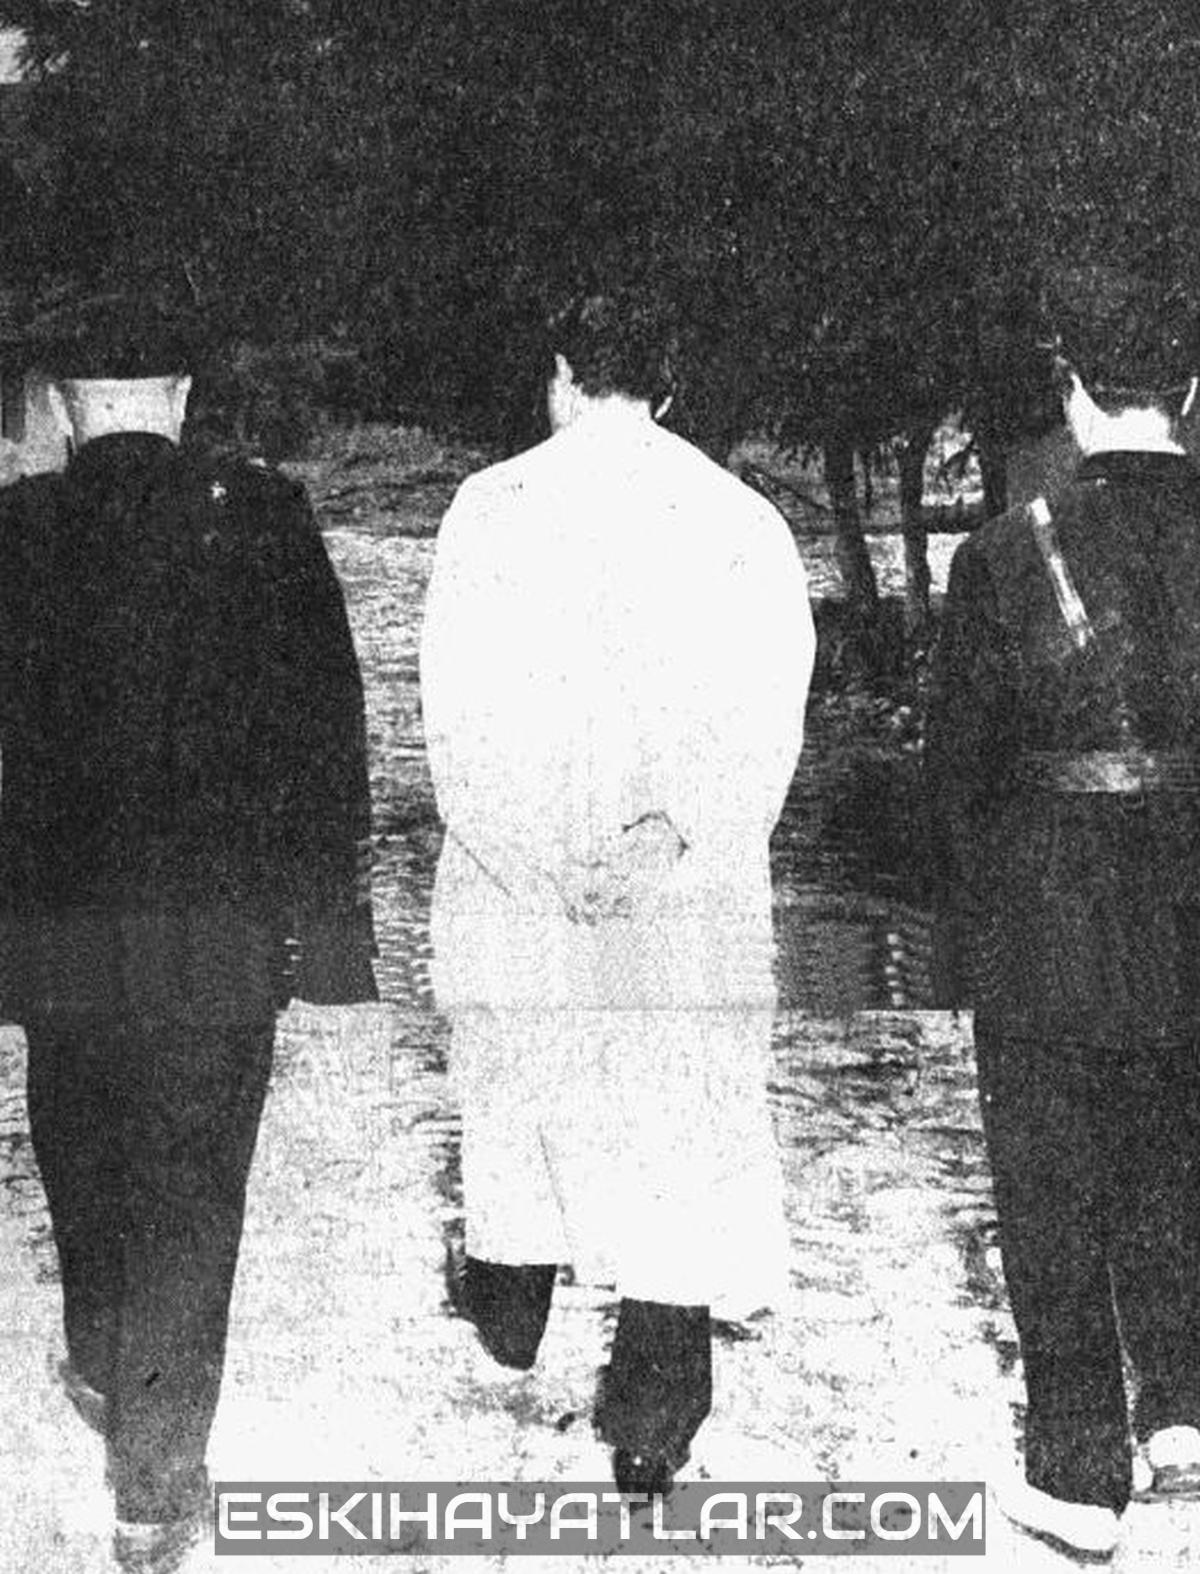 adnan-menderes-idam-edildi-hurriyet-gazetesi-1960-haberi (2)